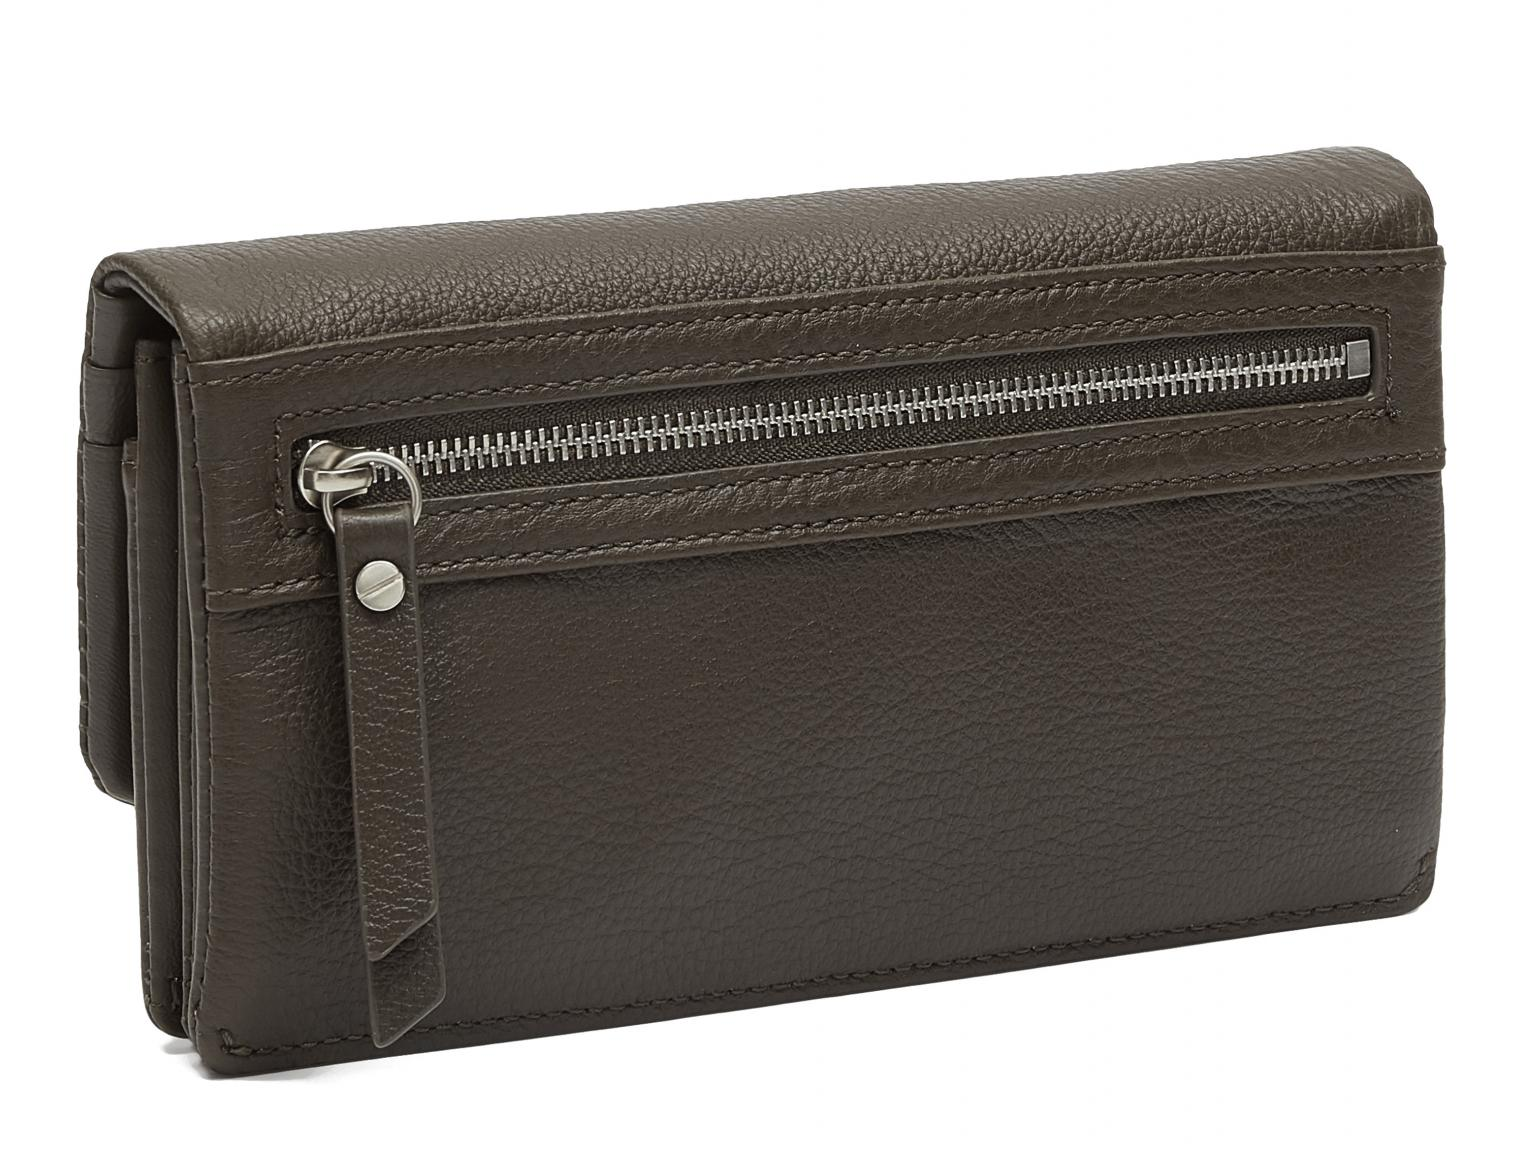 Ledergeldtasche Liebeskind Slam Wallet Large Nori green RFID